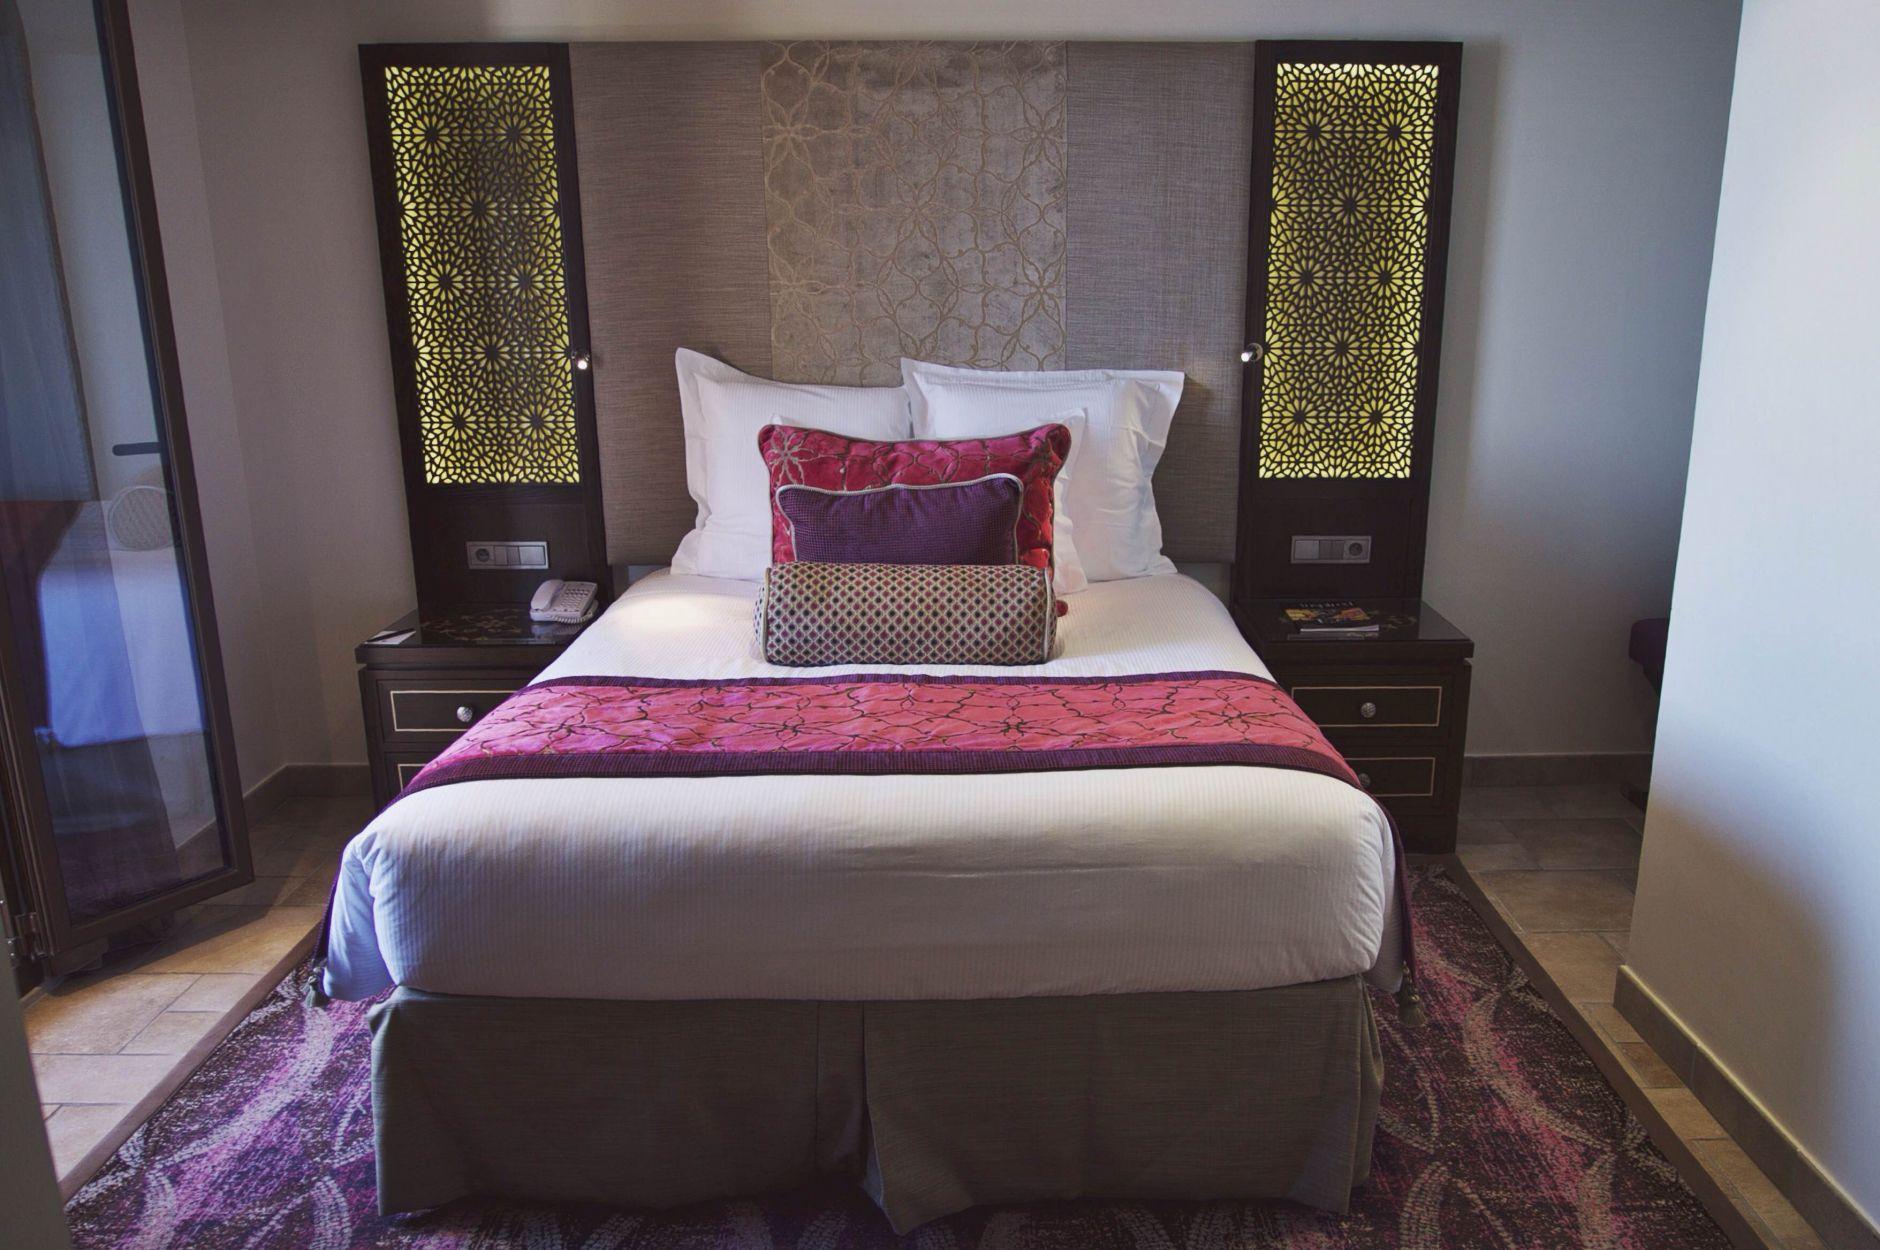 05-Tiara-Miramar-Beach-Hotel-Spa-Cote-dAzur-Disi-Couture-Edisa-Shahini-Cannes-France